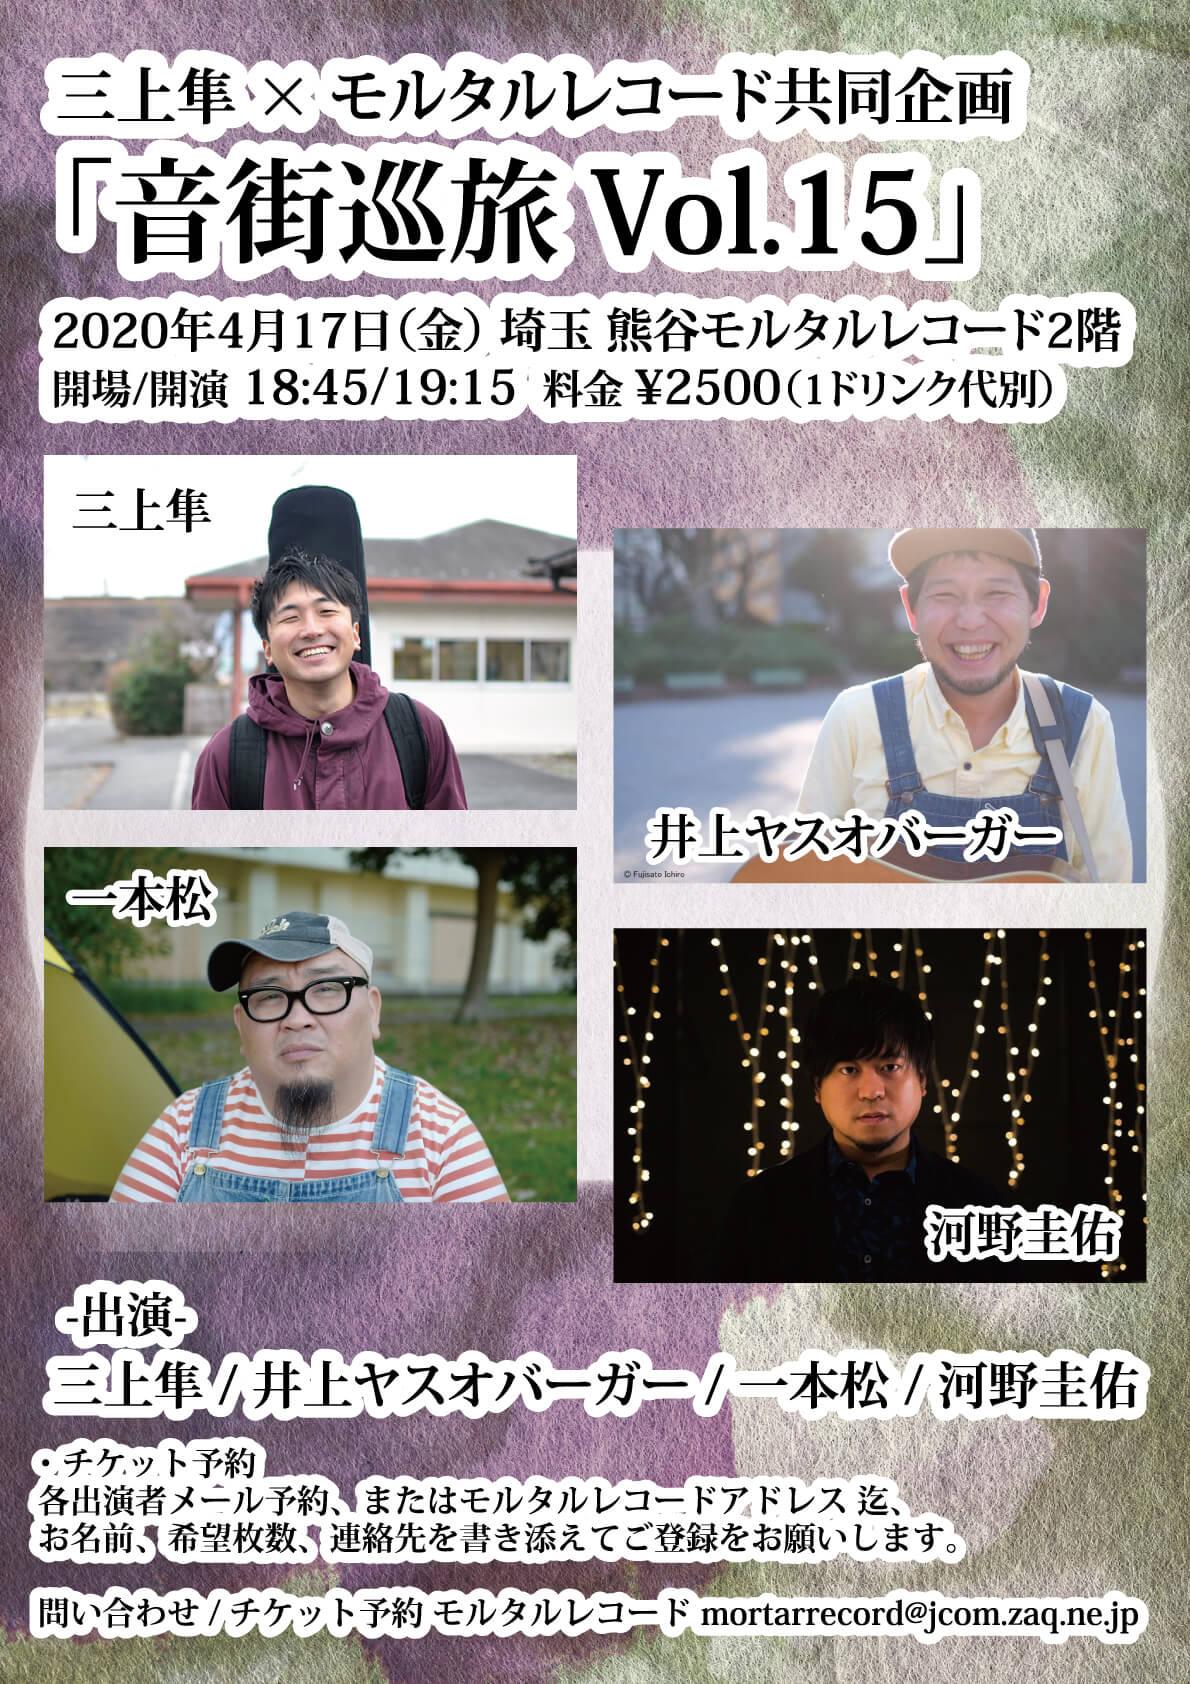 三上隼×モルタルレコード共同企画「音街巡旅 Vol.15」